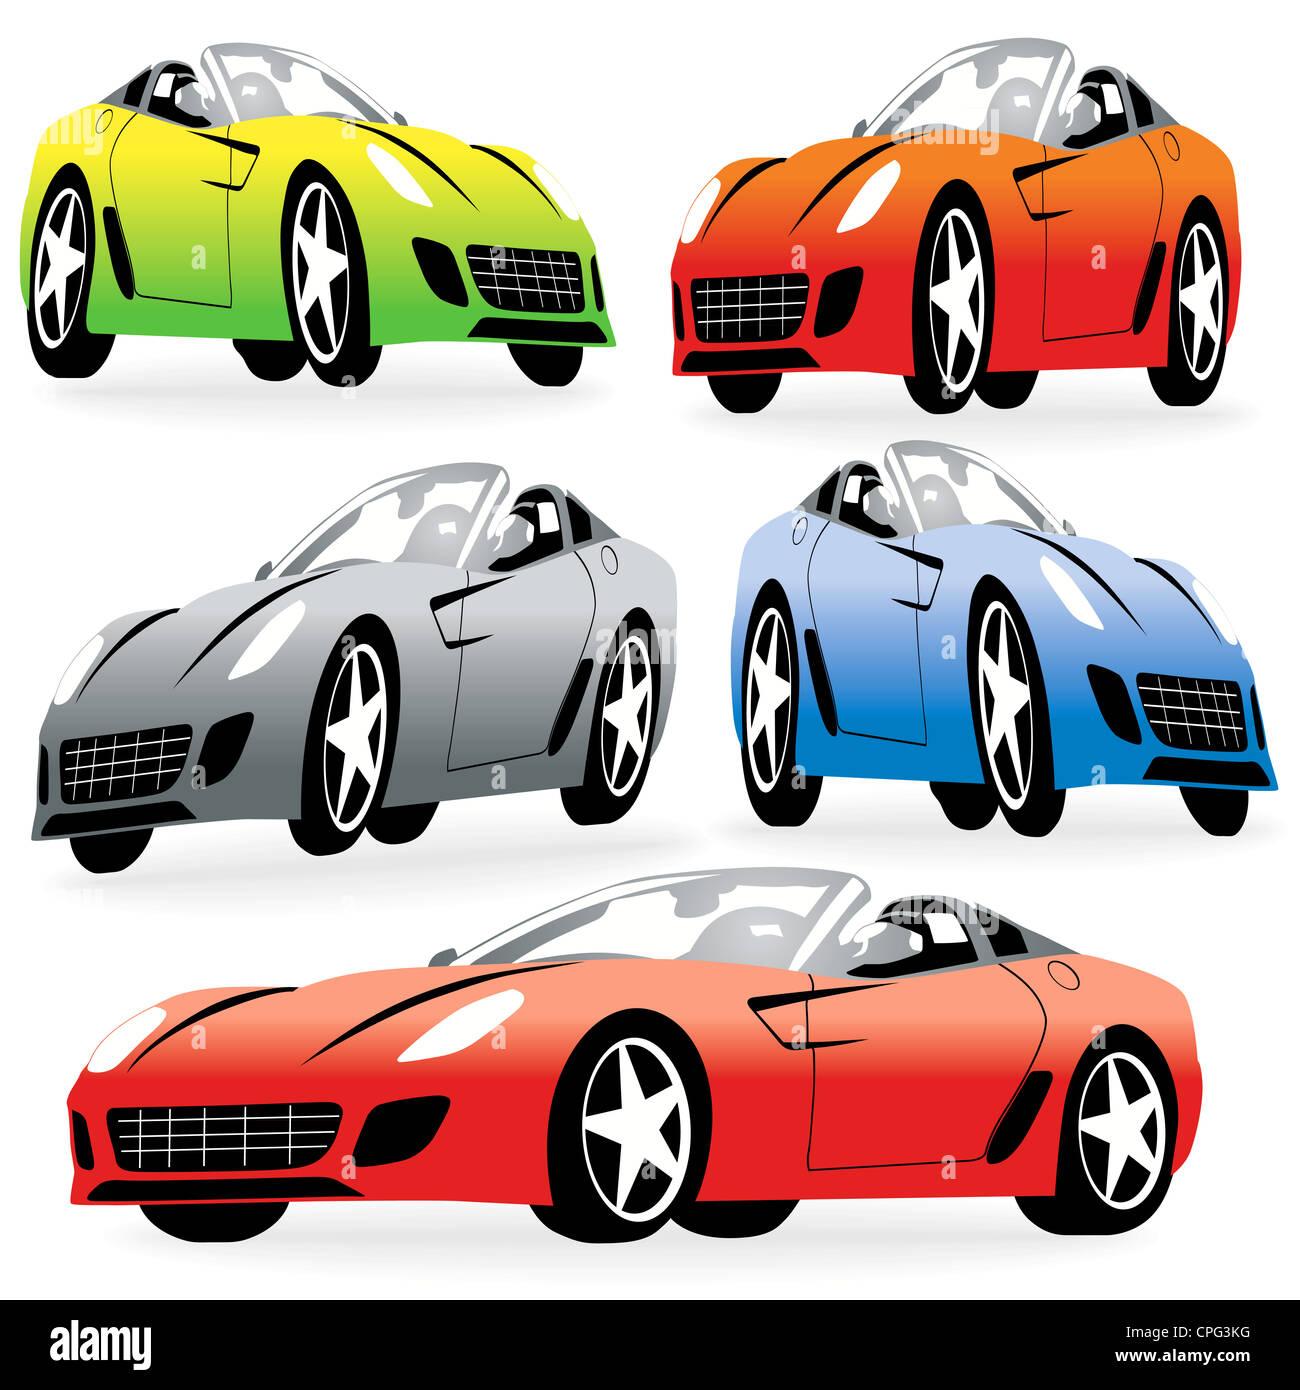 jeu de voitures de course dessin anim photo stock - Voiture De Course Dessin Anim